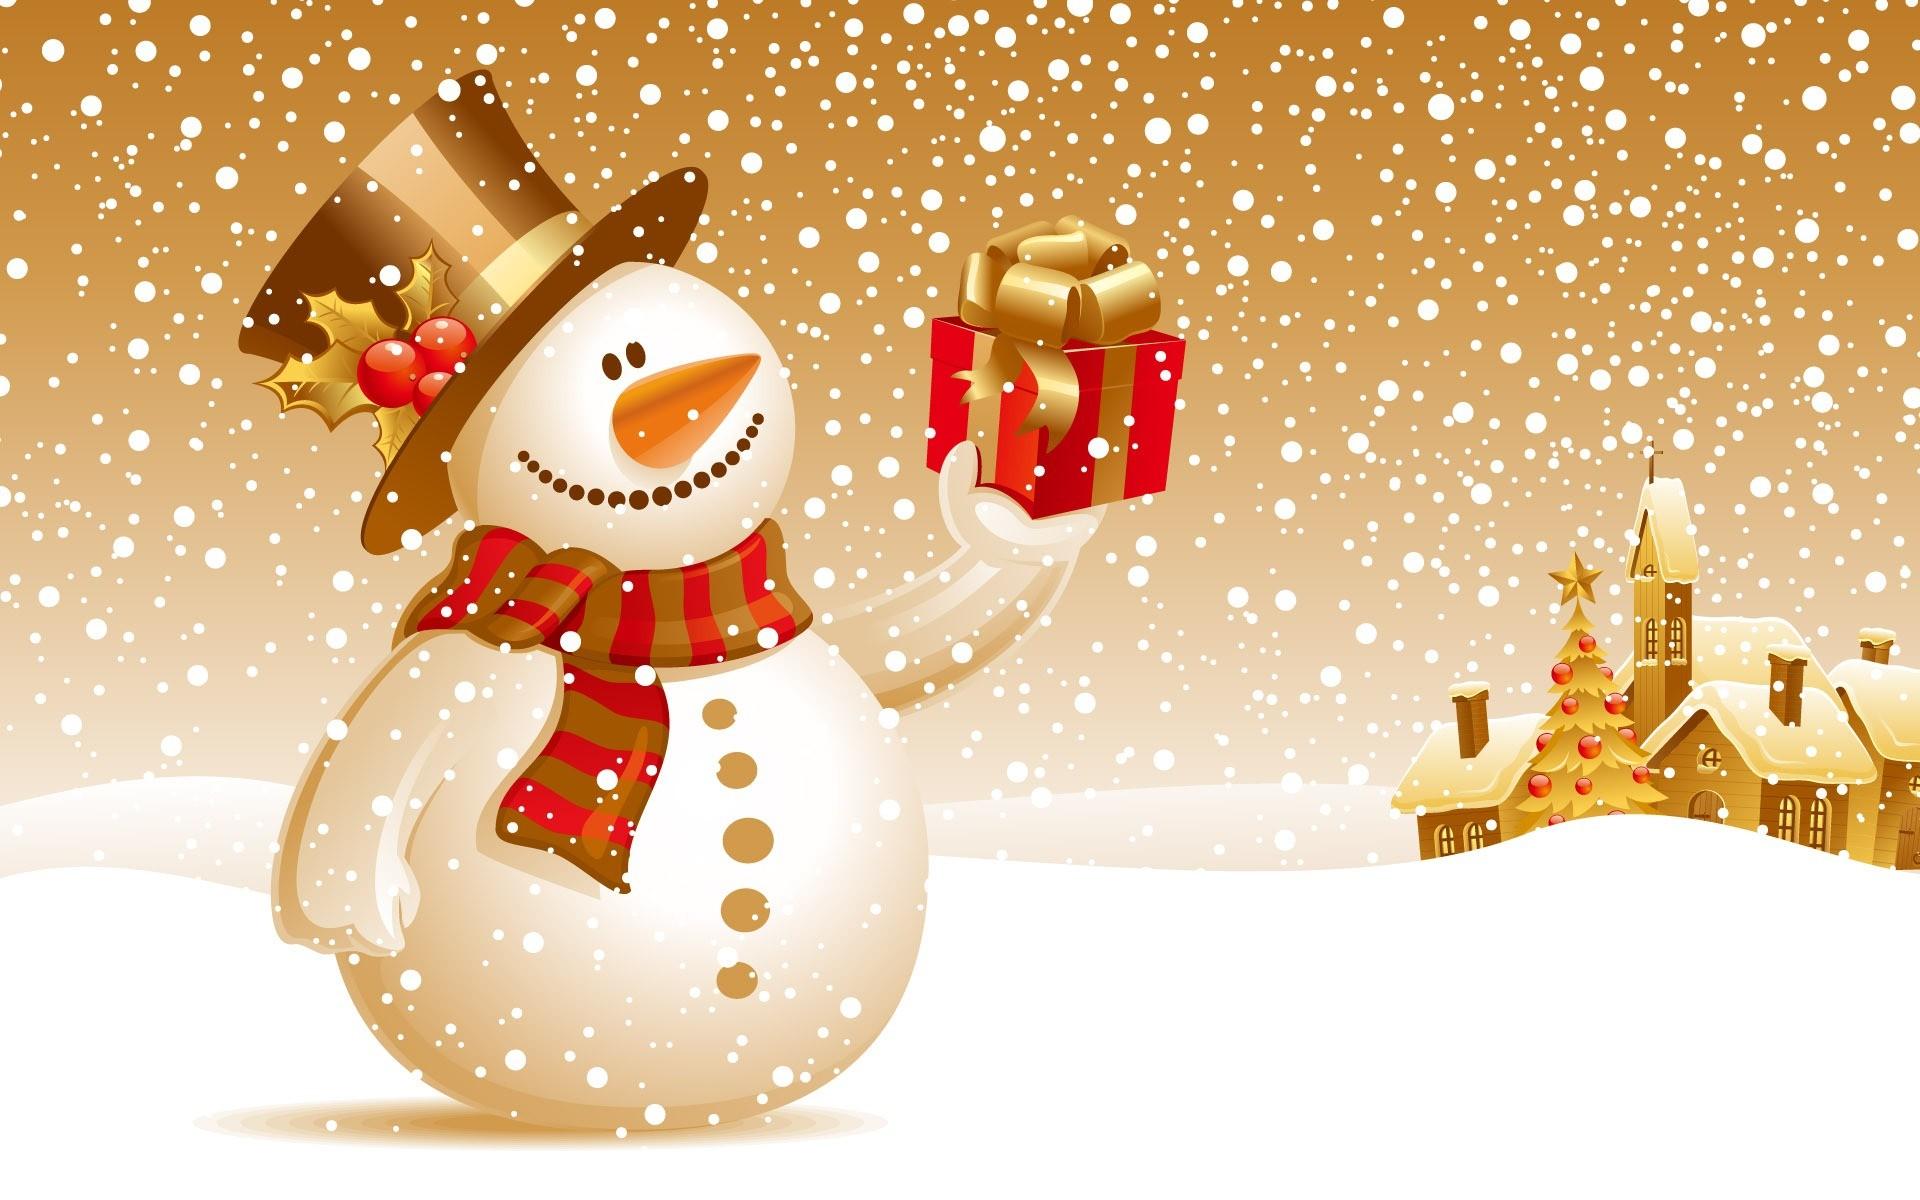 Christmas Snowman Wallpaper Christmas Holidays